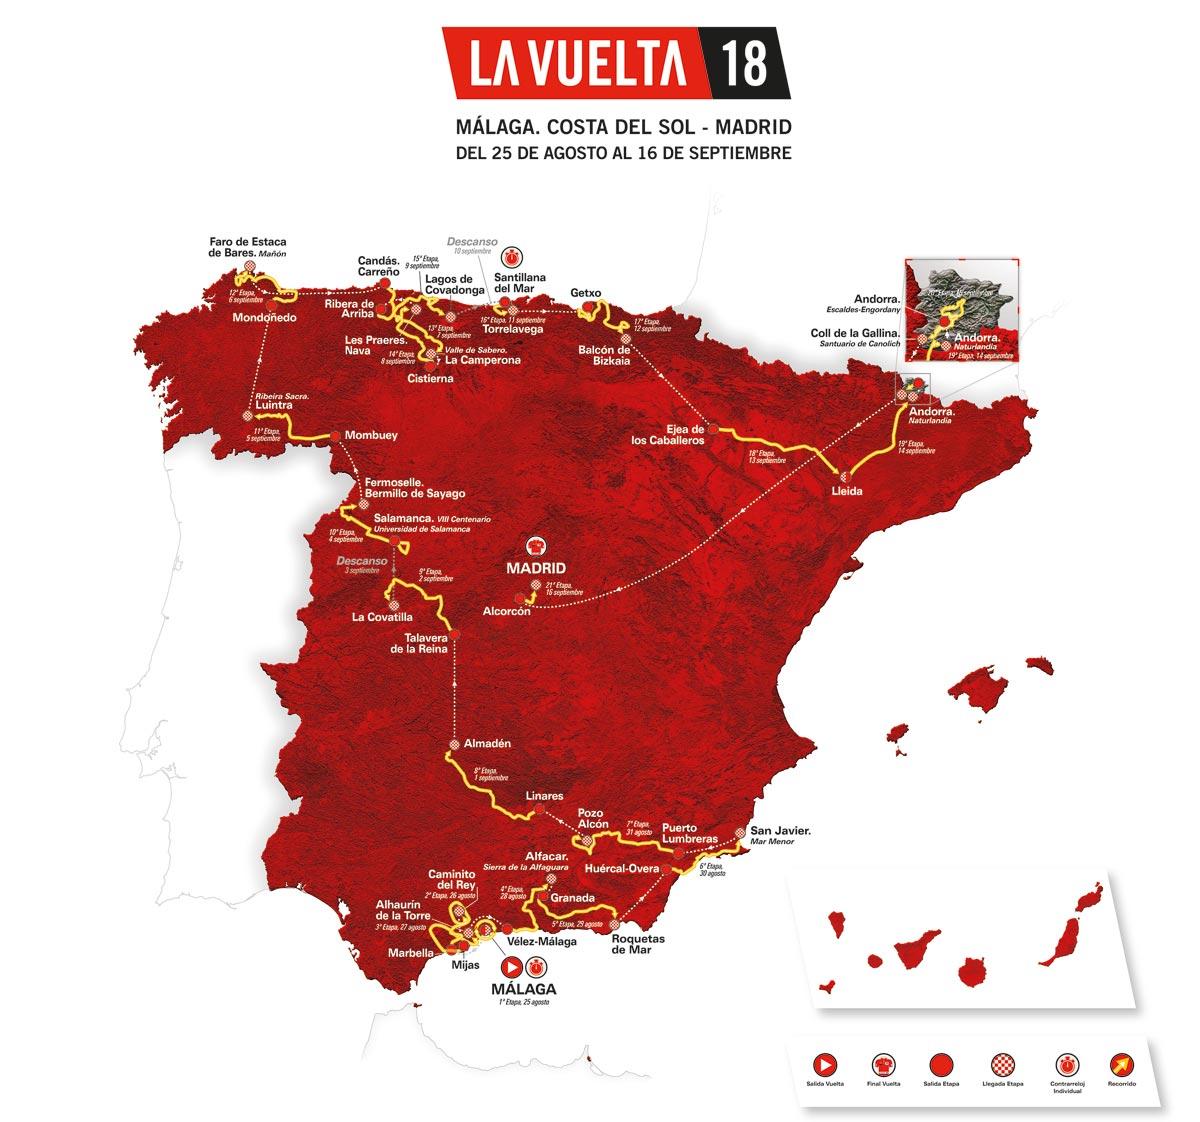 Malaga Karte Spanien.La Vuelta 2018 Das Ist Die Strecke Der 73 Spanien